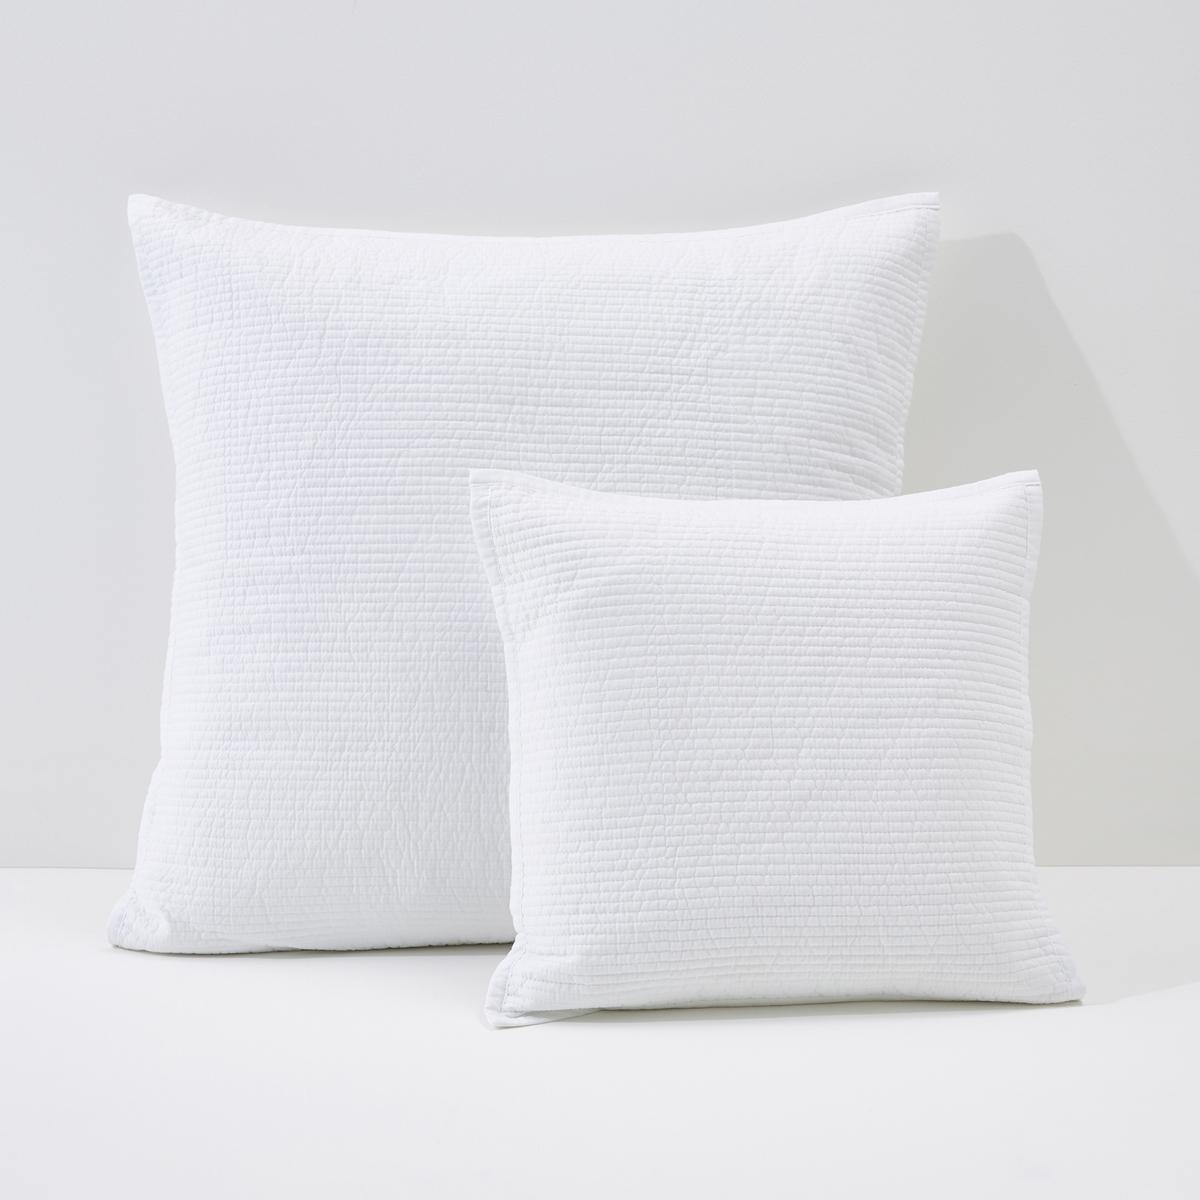 Наволочка на подушку-валик или наволочка BETTAОписание наволочки на подушку-валик или наволочки Betta :Тонкая прострочка, отделка прямой бейкой.Застежка на скрытую молнию в тон.Характеристики наволочки на подушку-валик или наволочки Betta :100% хлопок. Наполнитель, 100% полиэстер плотностью 80 г/м?.Машинная стирка при 40 °CВсю коллекцию постельного белья Betta вы можете найти на нашем сайте<br><br>Цвет: белый,красный,светло-серо-коричневый,сине-зеленый<br>Размер: 65 x 65  см